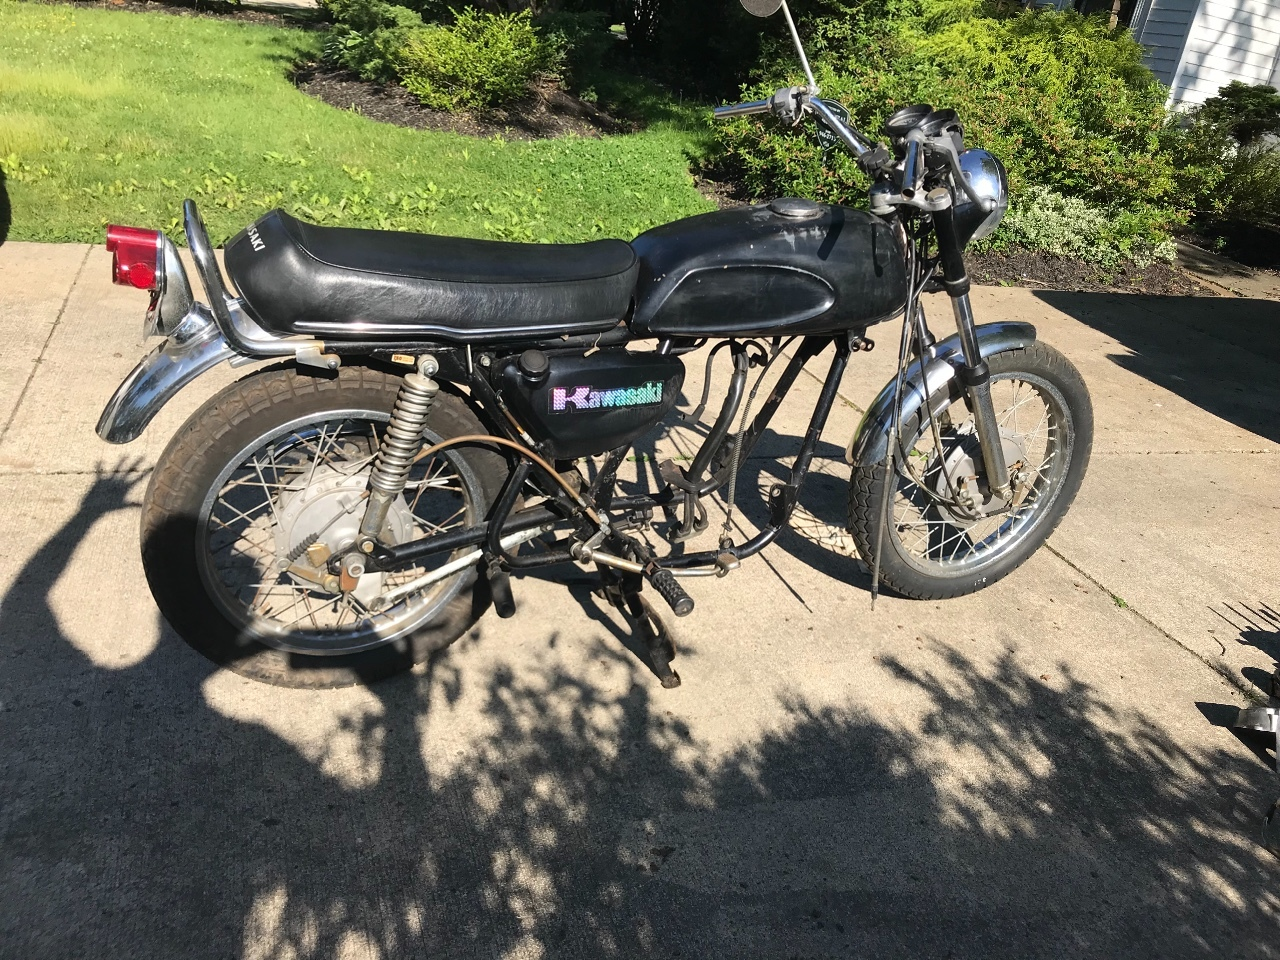 H1 For Sale - Kawasaki Dirt Bike Motorcycles - Cycle Trader